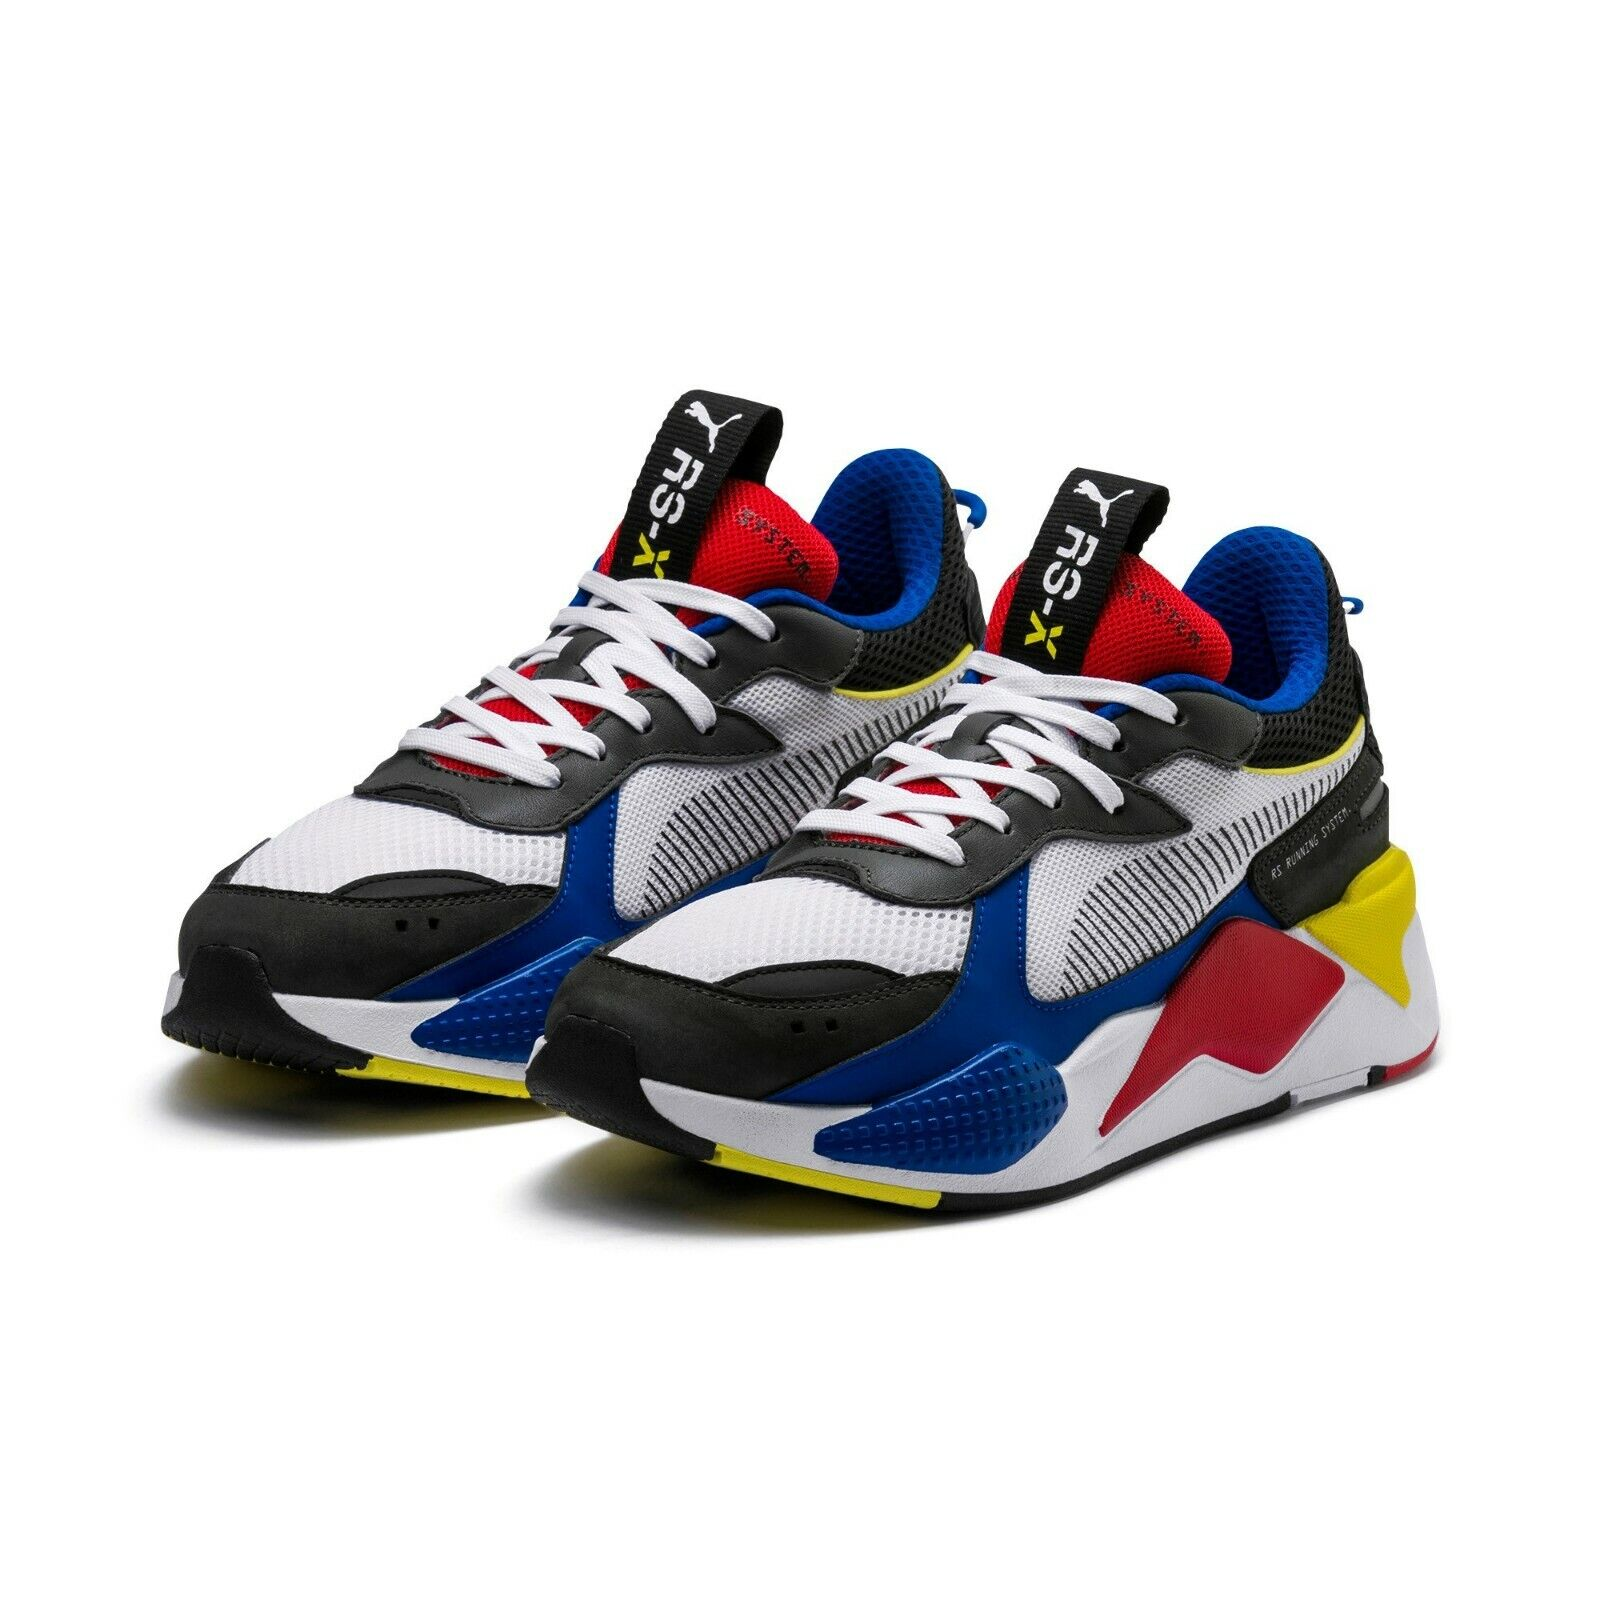 Puma RS-X Toys blancooo Royal zapatos caballero zapatillas us 10   nuevo